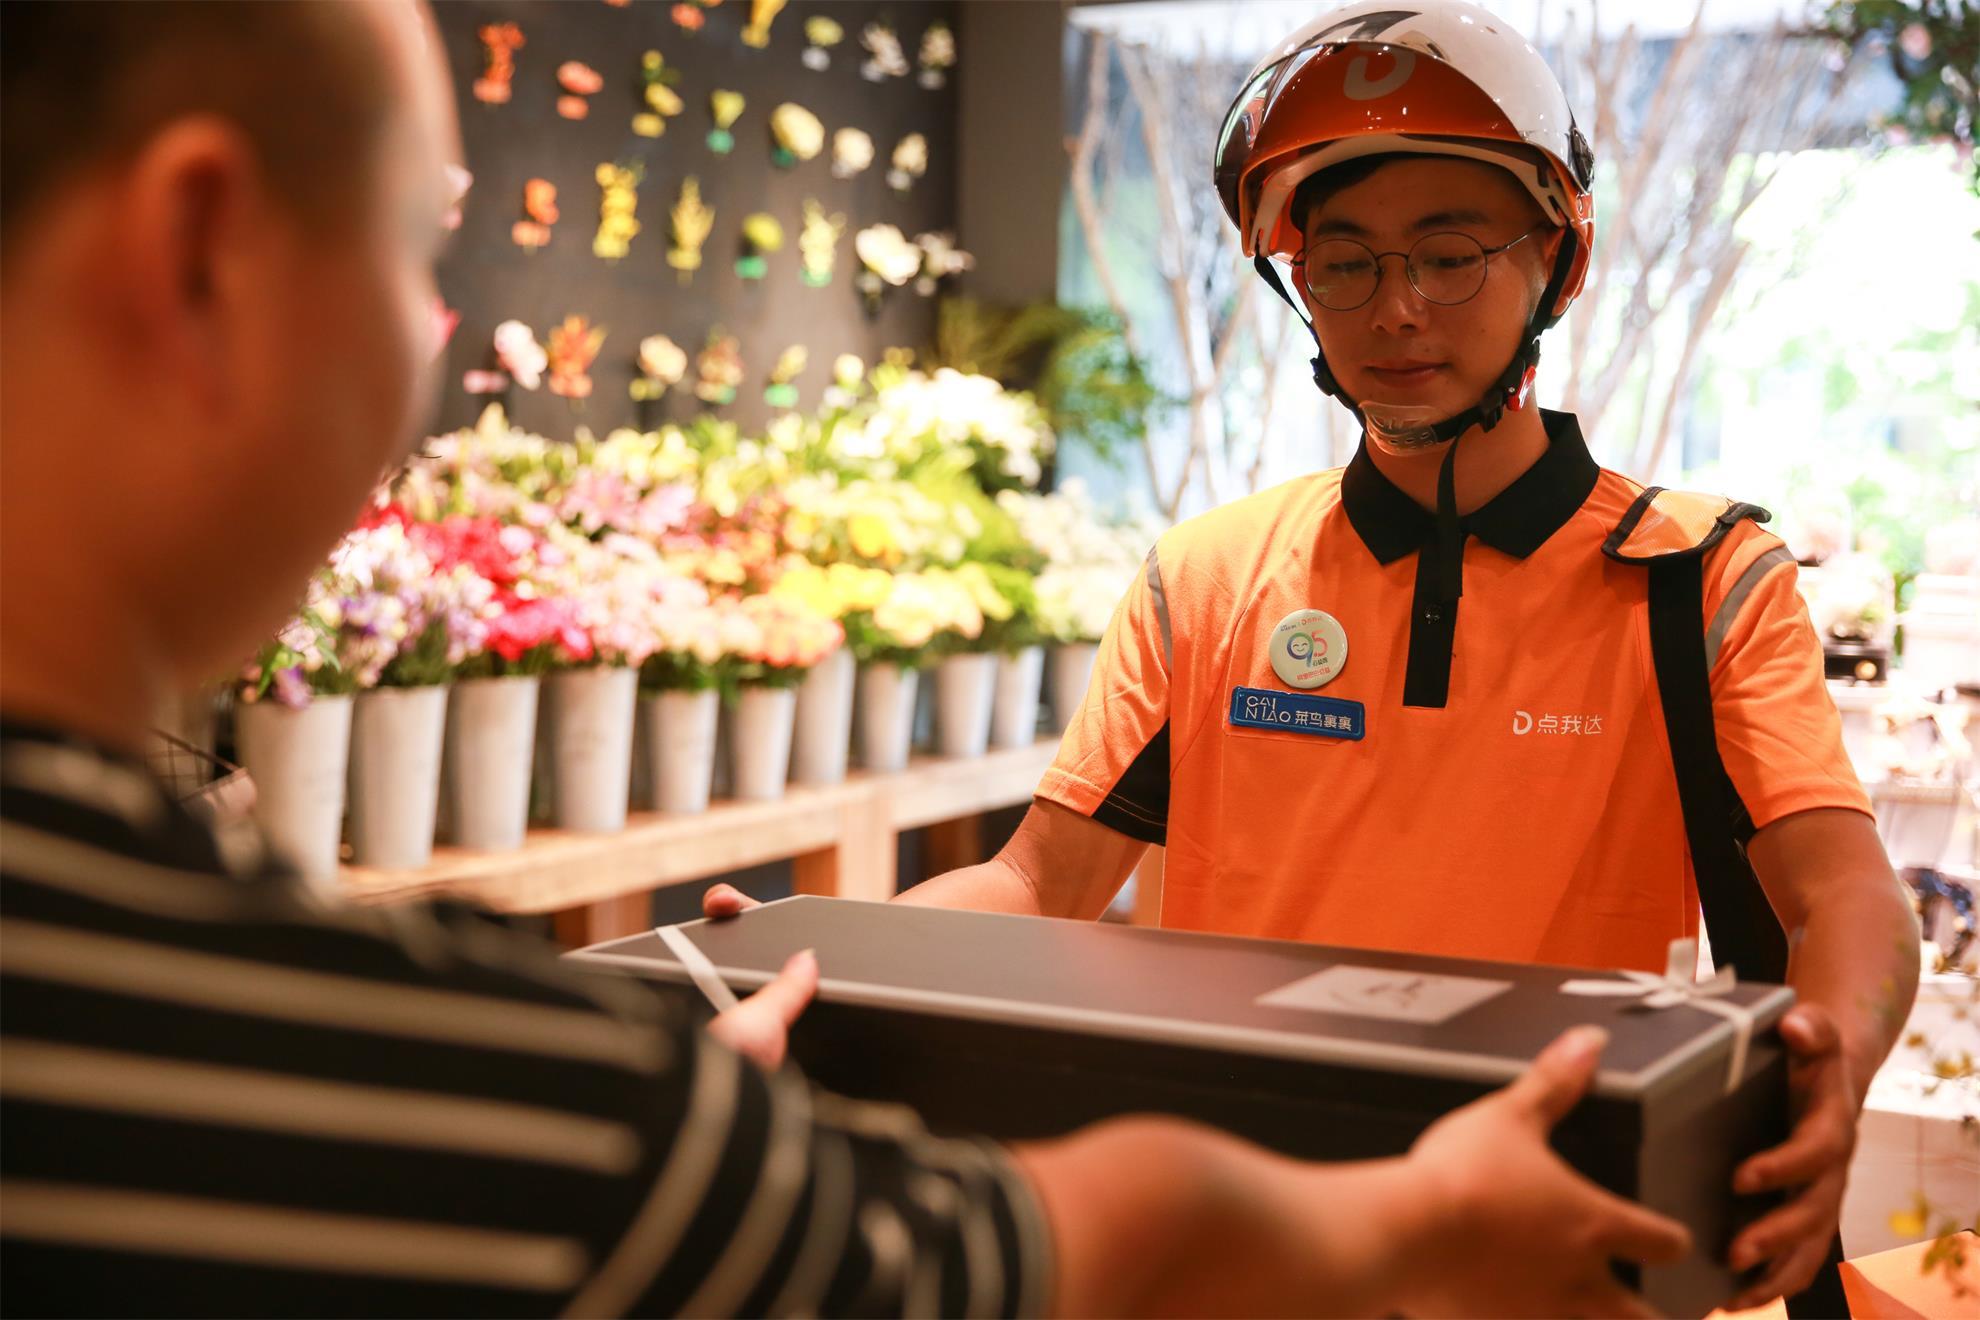 菜鸟点我达骑手在花店取花